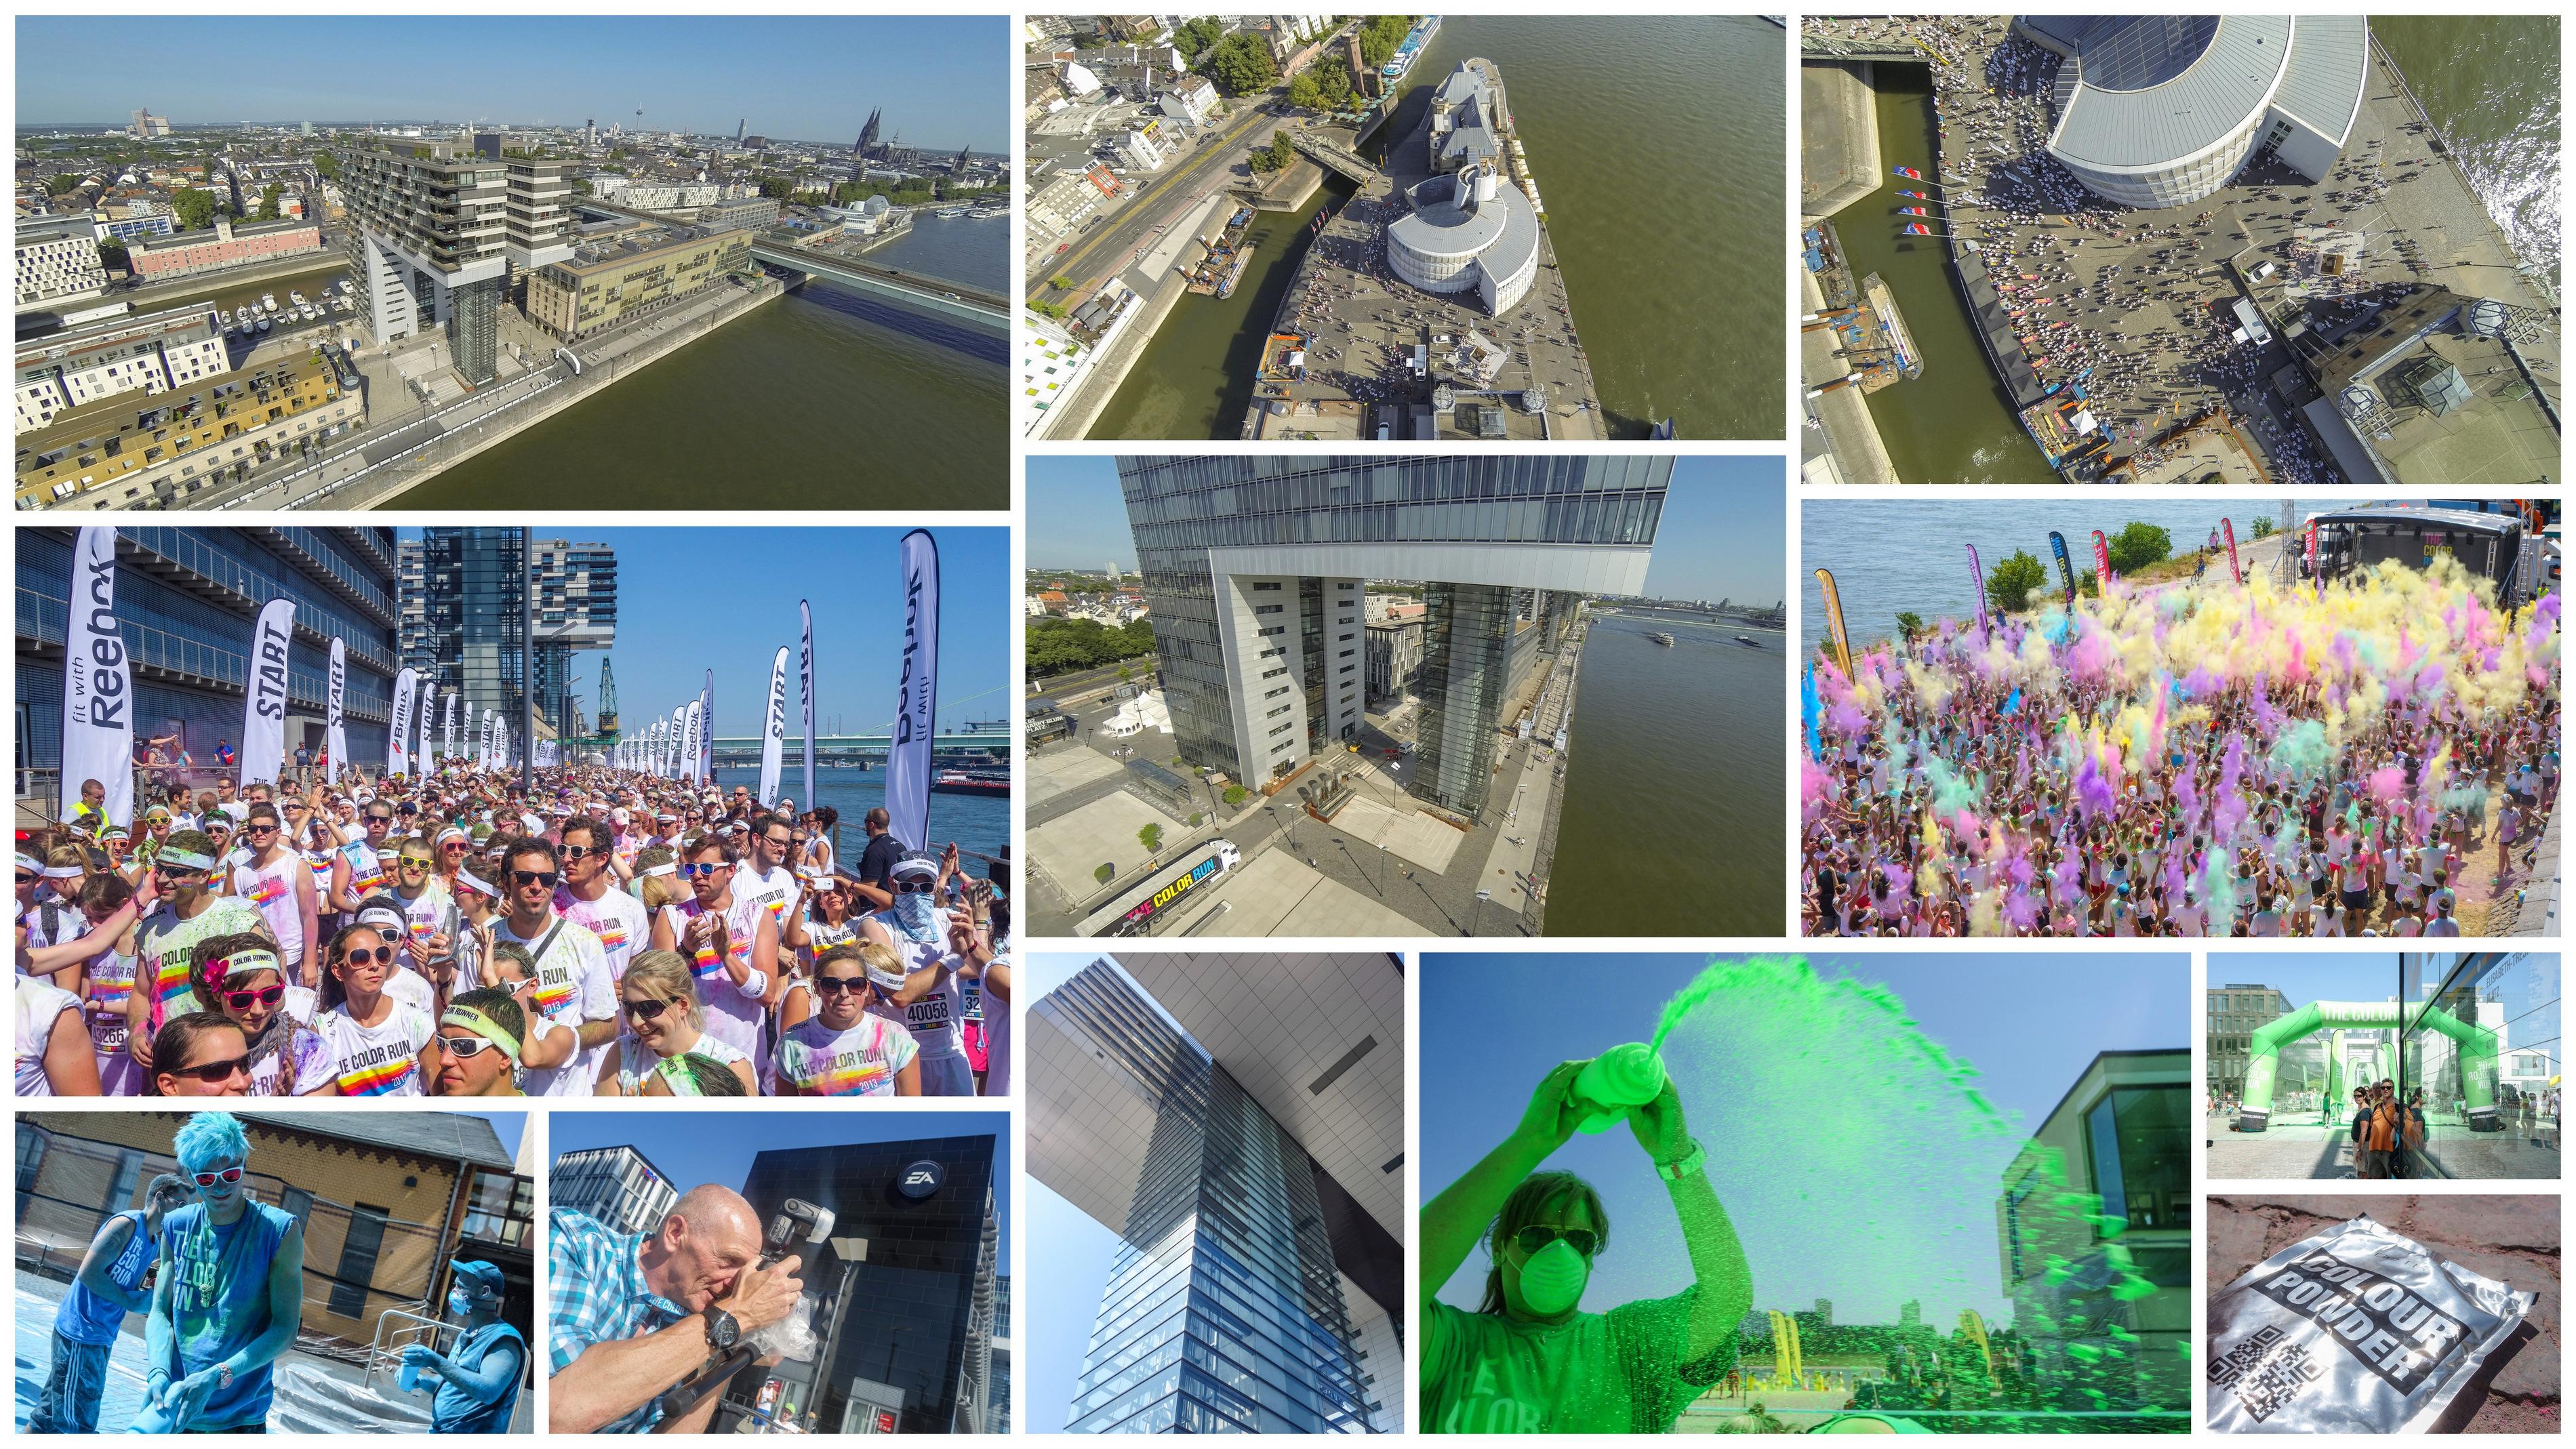 Color Run Colorrun Fotos Bilder Drohne Quadrocopter Köln Hafen Rheinauhafen Rheinhafen Bericht Blog Presse Alf Dahl Marathon Kölle Halbmarathon Heinz Schier HSR Nina Witte deinestrecke